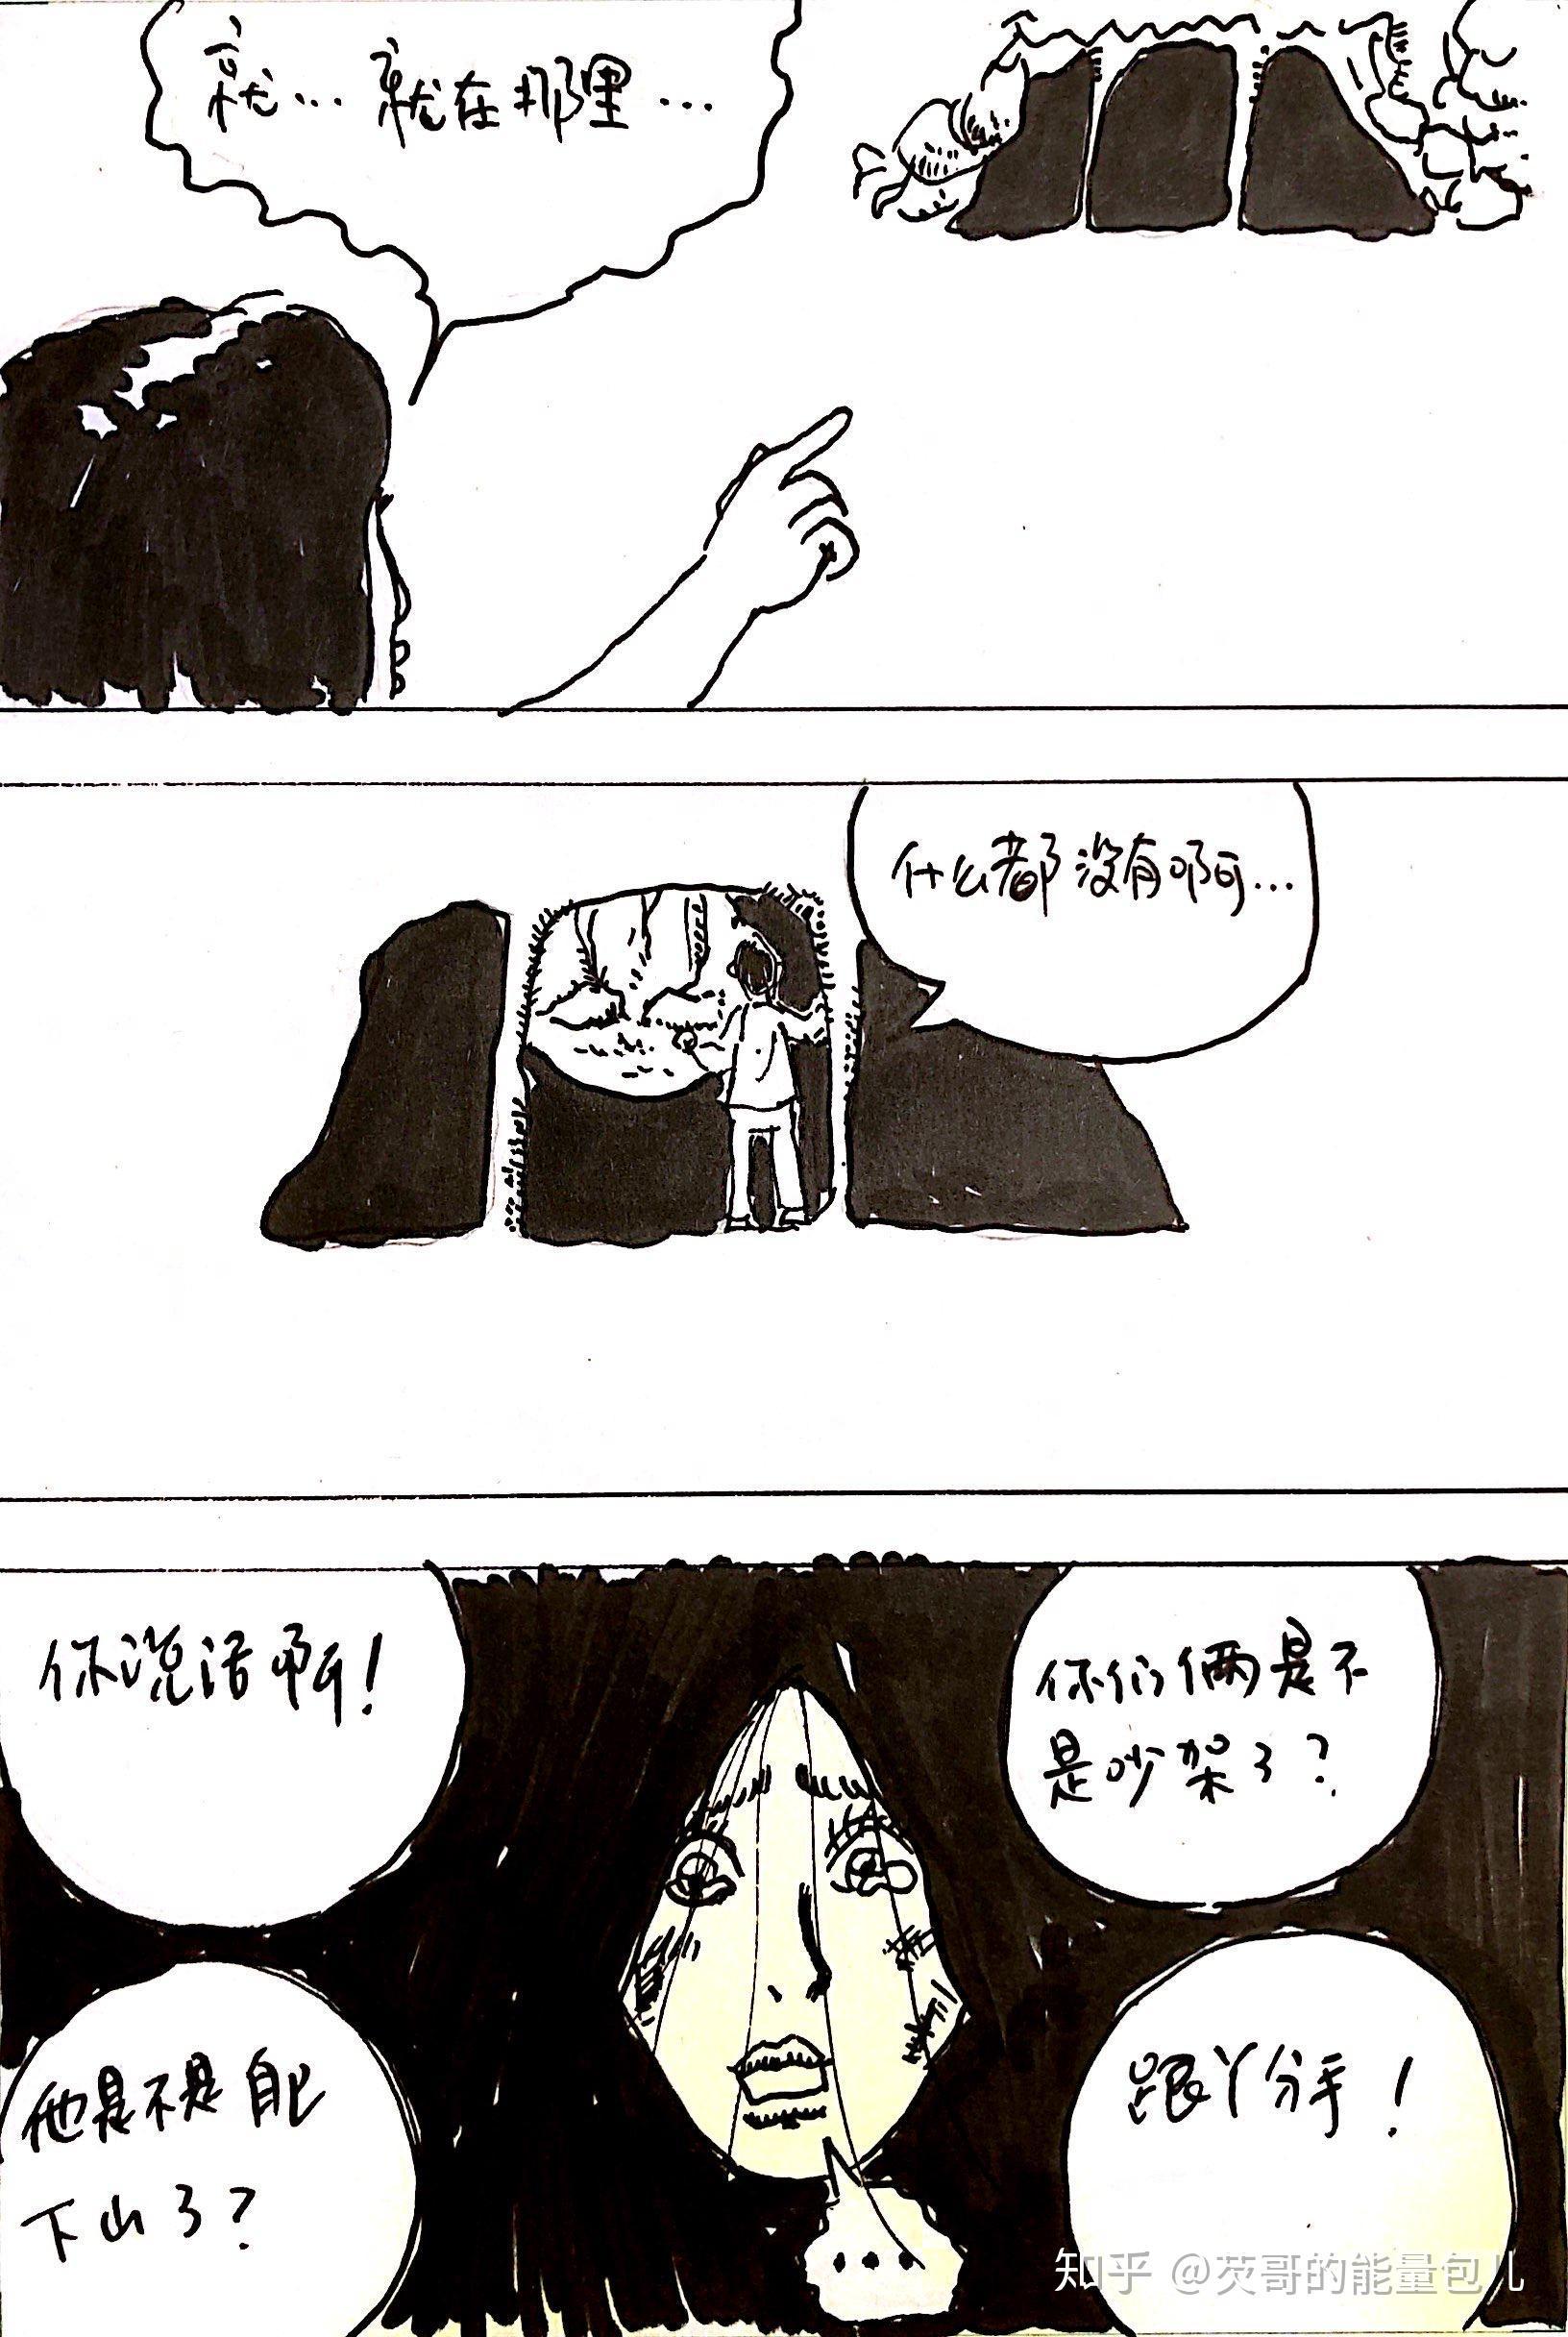 搞笑三人小品剧本(简短)